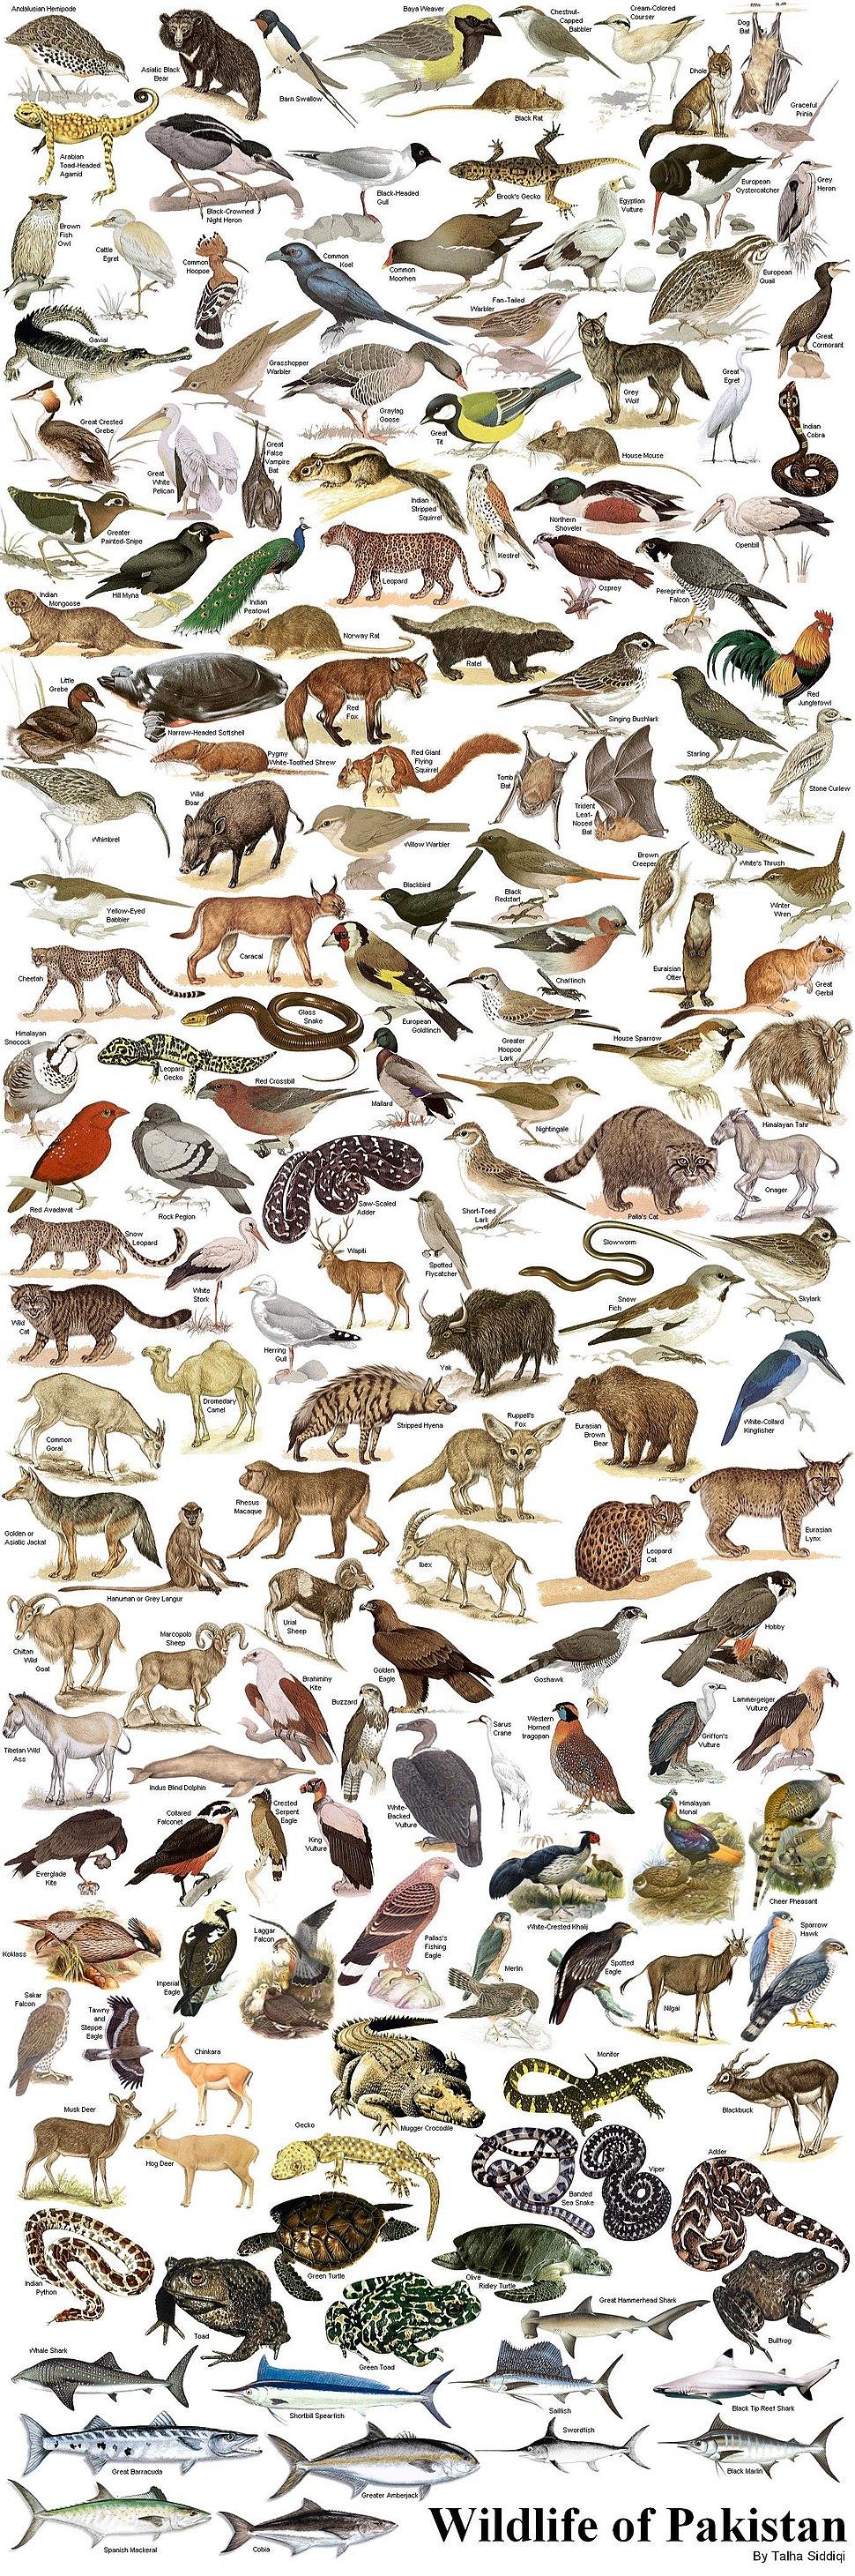 WildlifeofPakistan.JPG